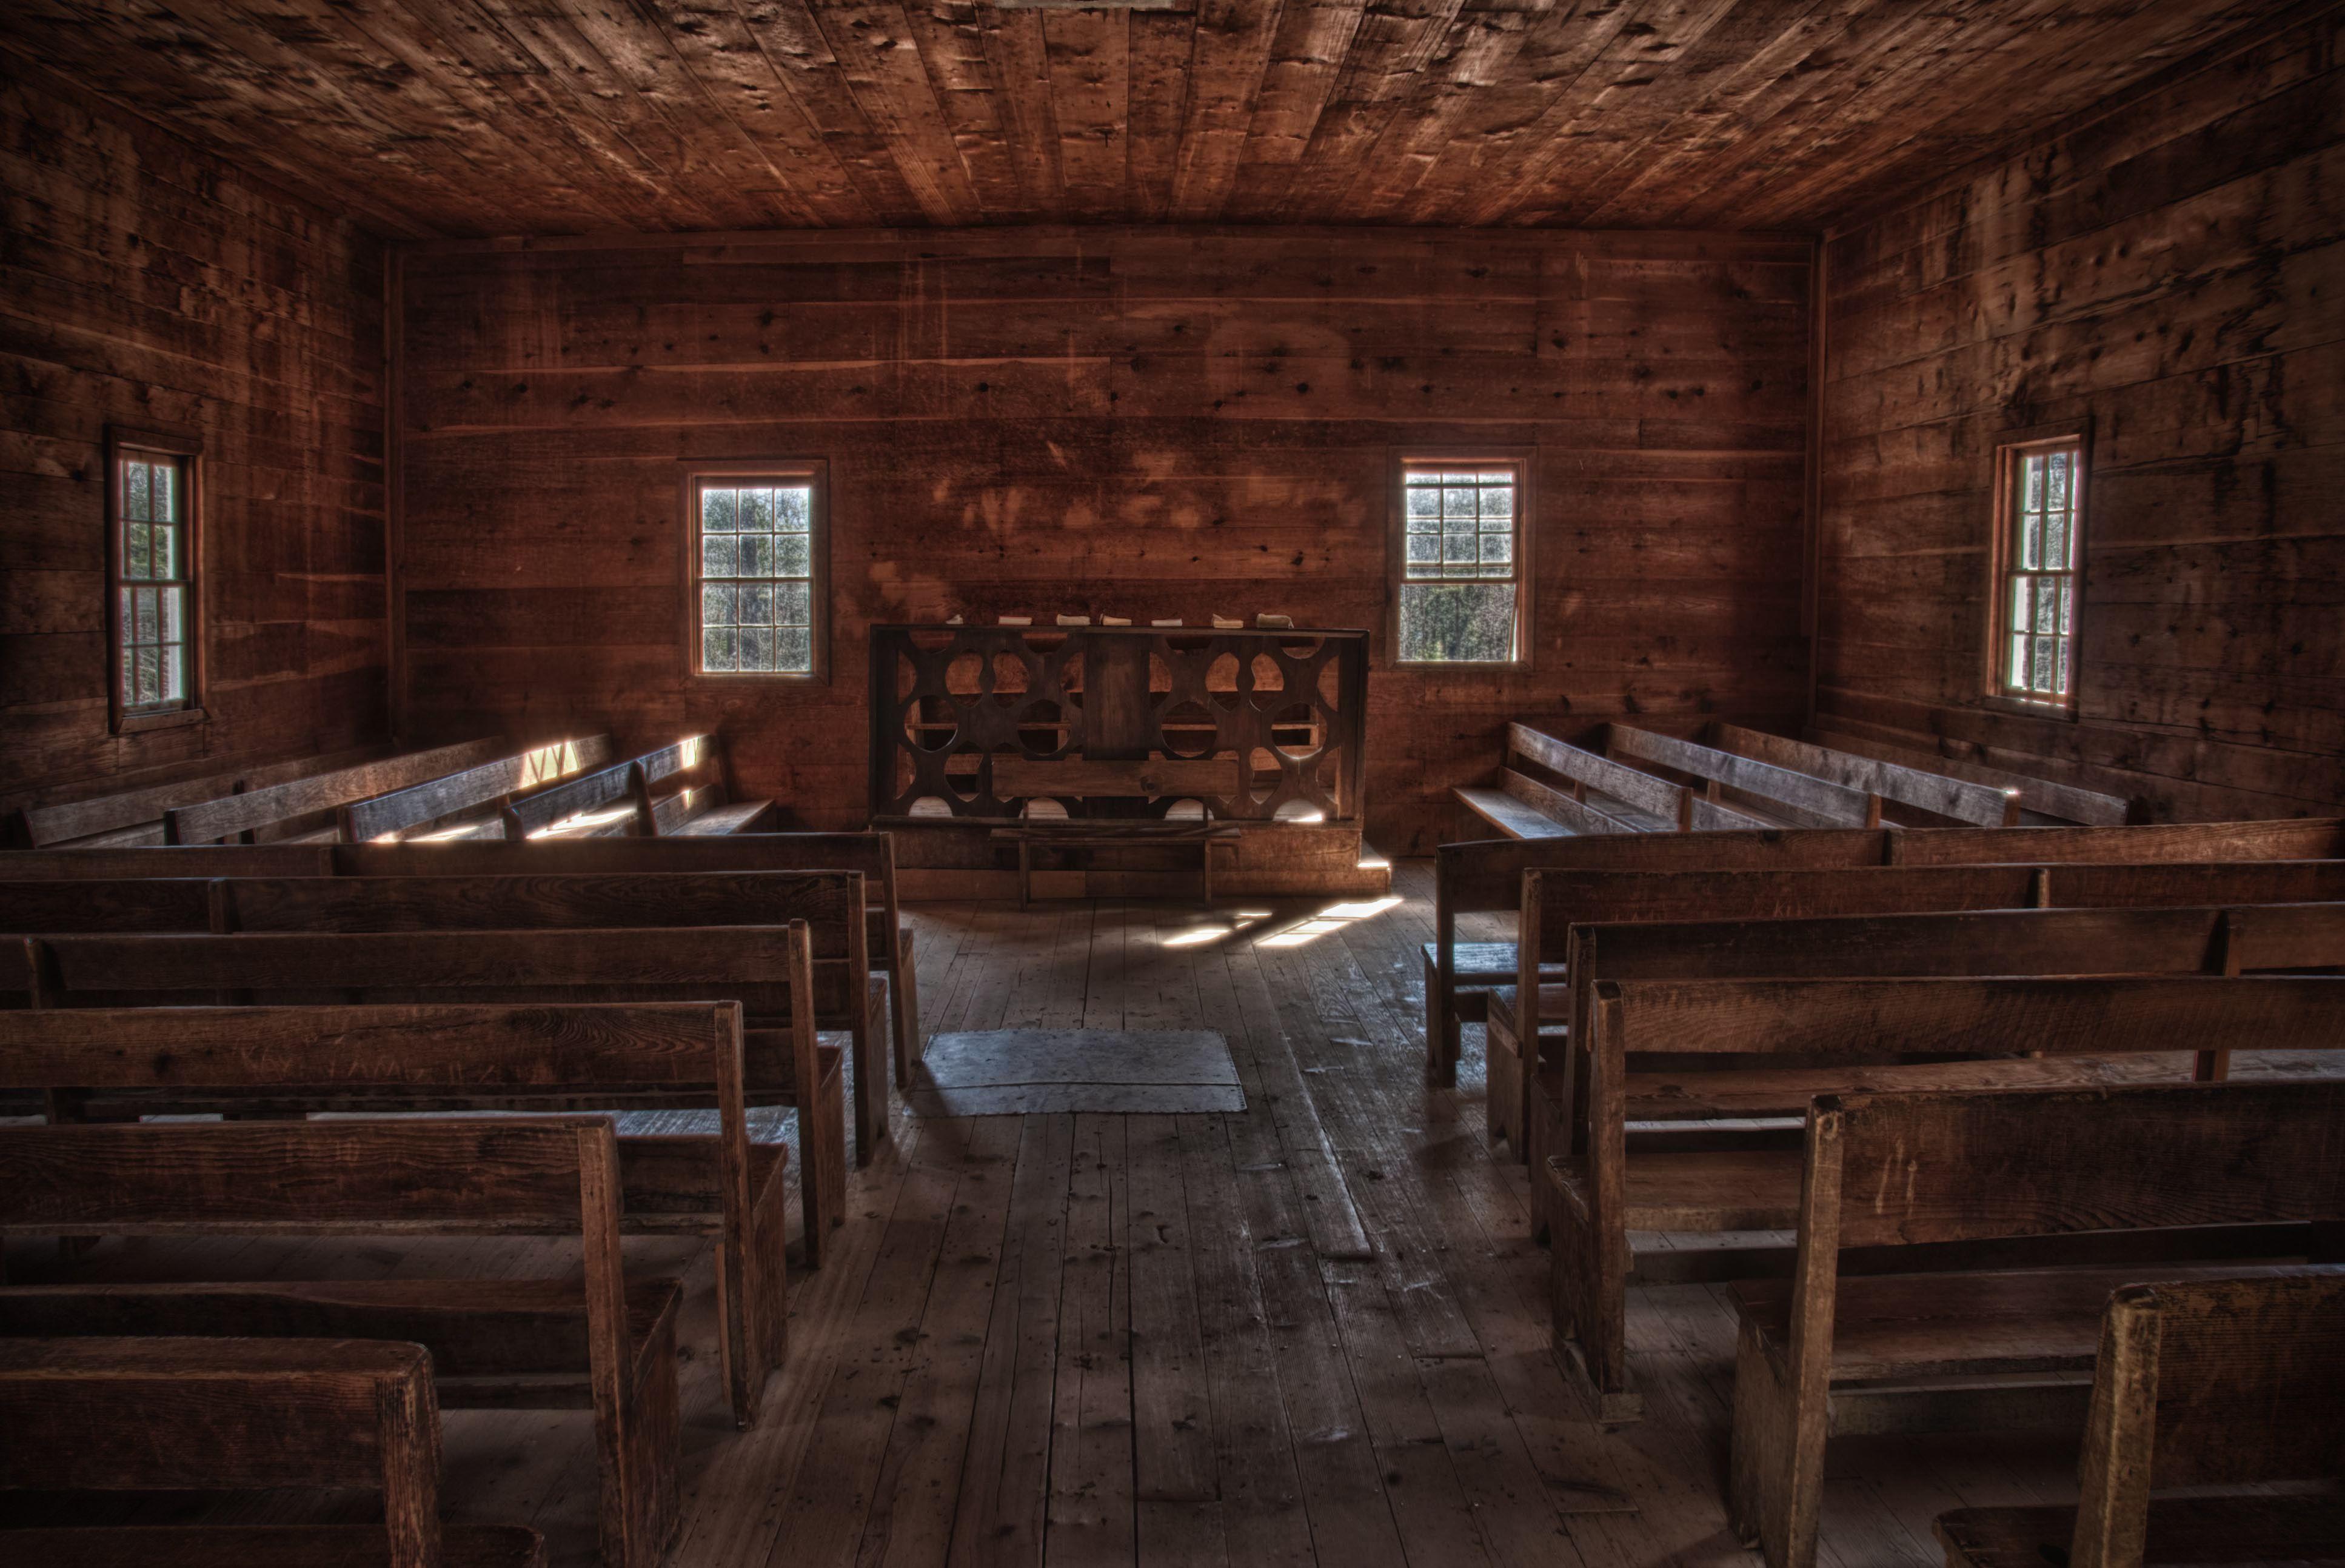 David Fahey Cade S Cove Primitive Baptist Church Where Daisy I Were Married Great Smoky Mts National Park Baptist Church Old Churches Church